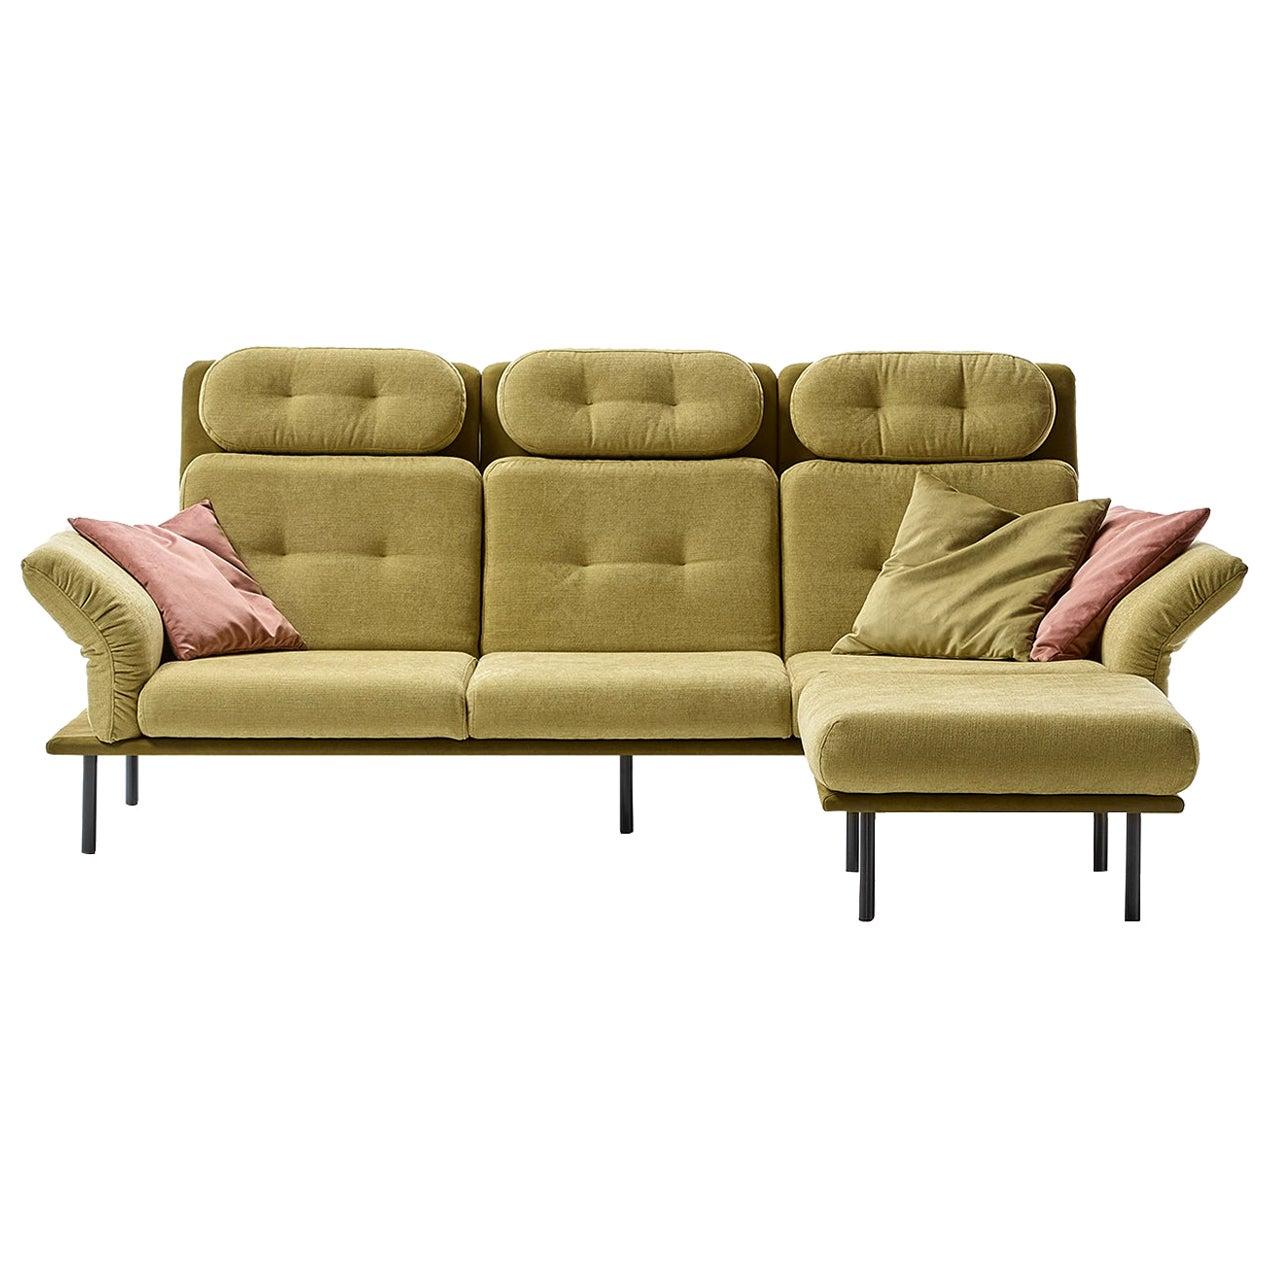 Ukiyo 3-Seat Sofa with Pouf